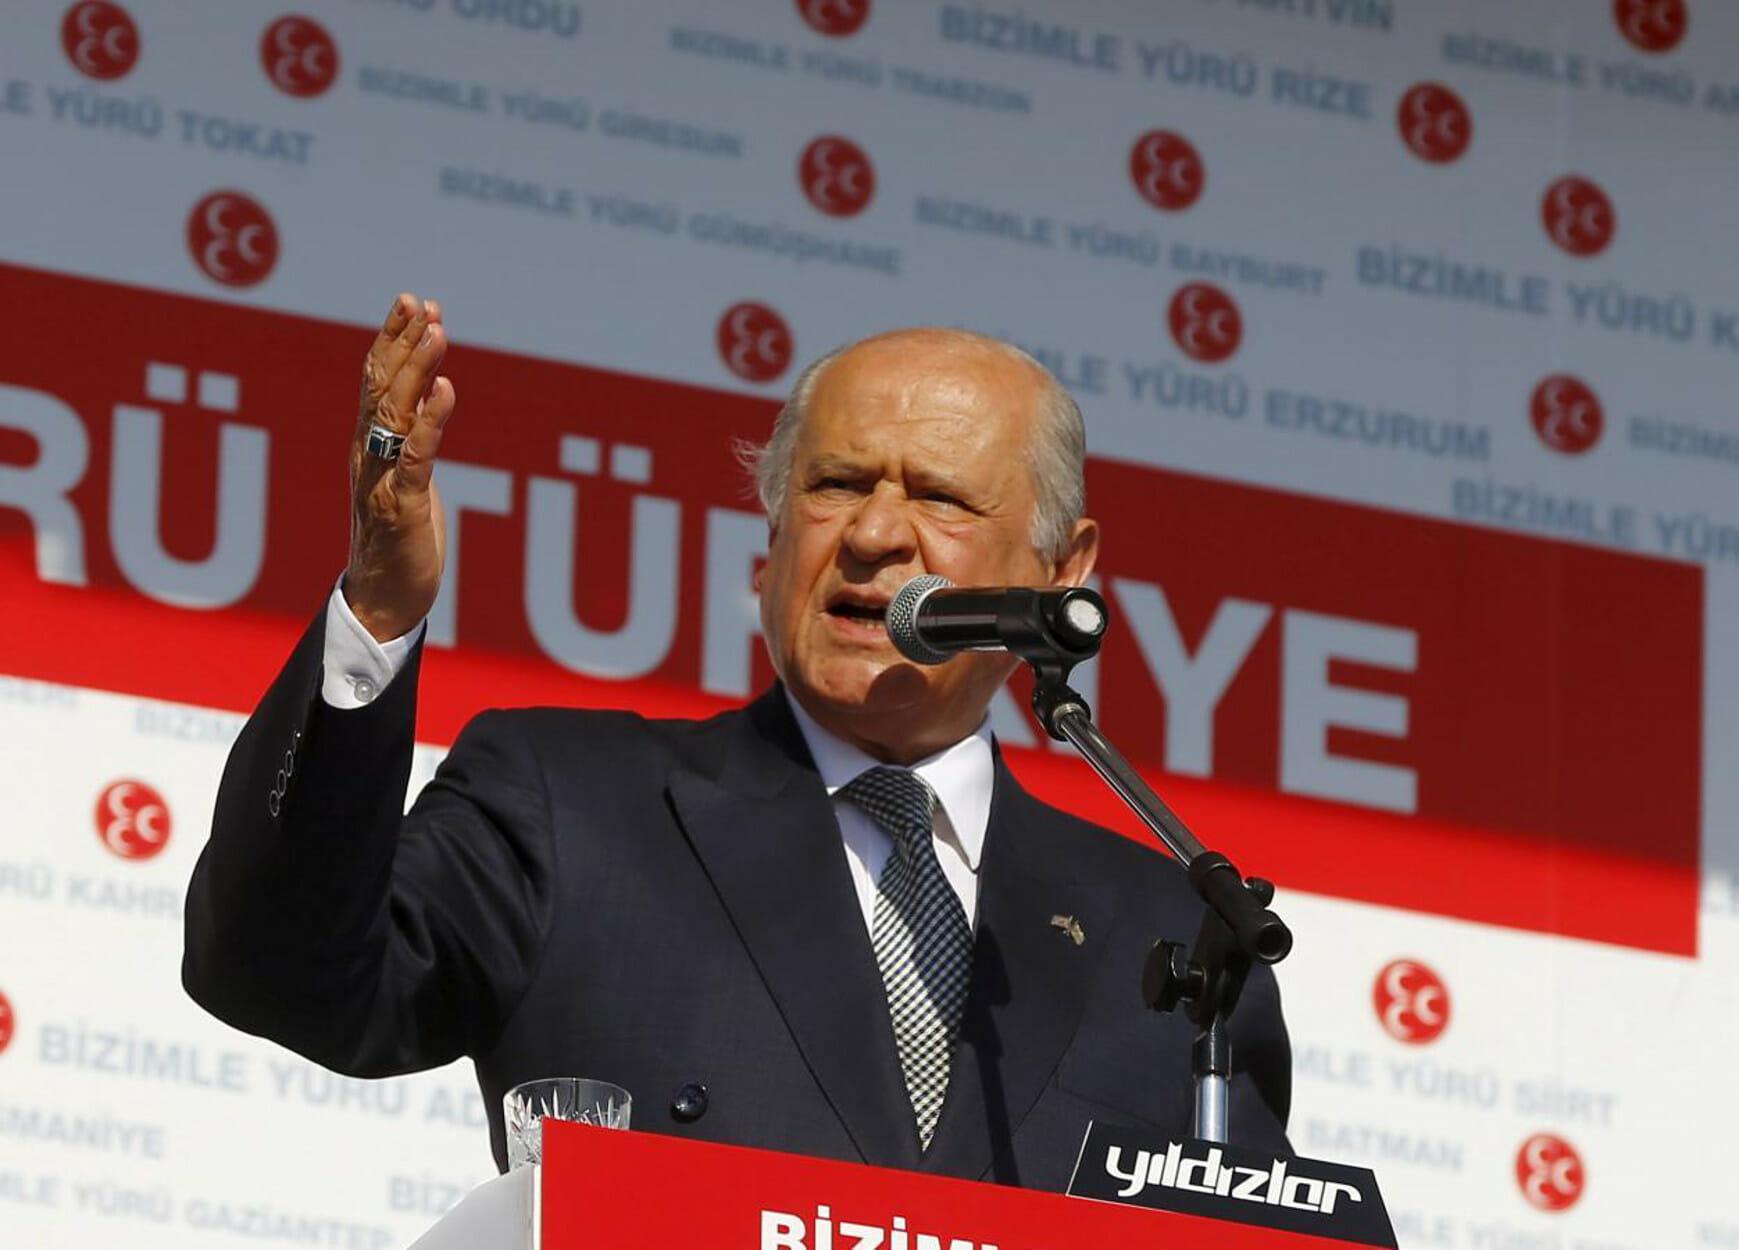 """Ο Μπαχτσελί ζητά το... """"κεφάλι"""" του Ακιντζί! """"Να φύγει, εξυπηρετεί τους Ελληνοκυπρίους"""""""